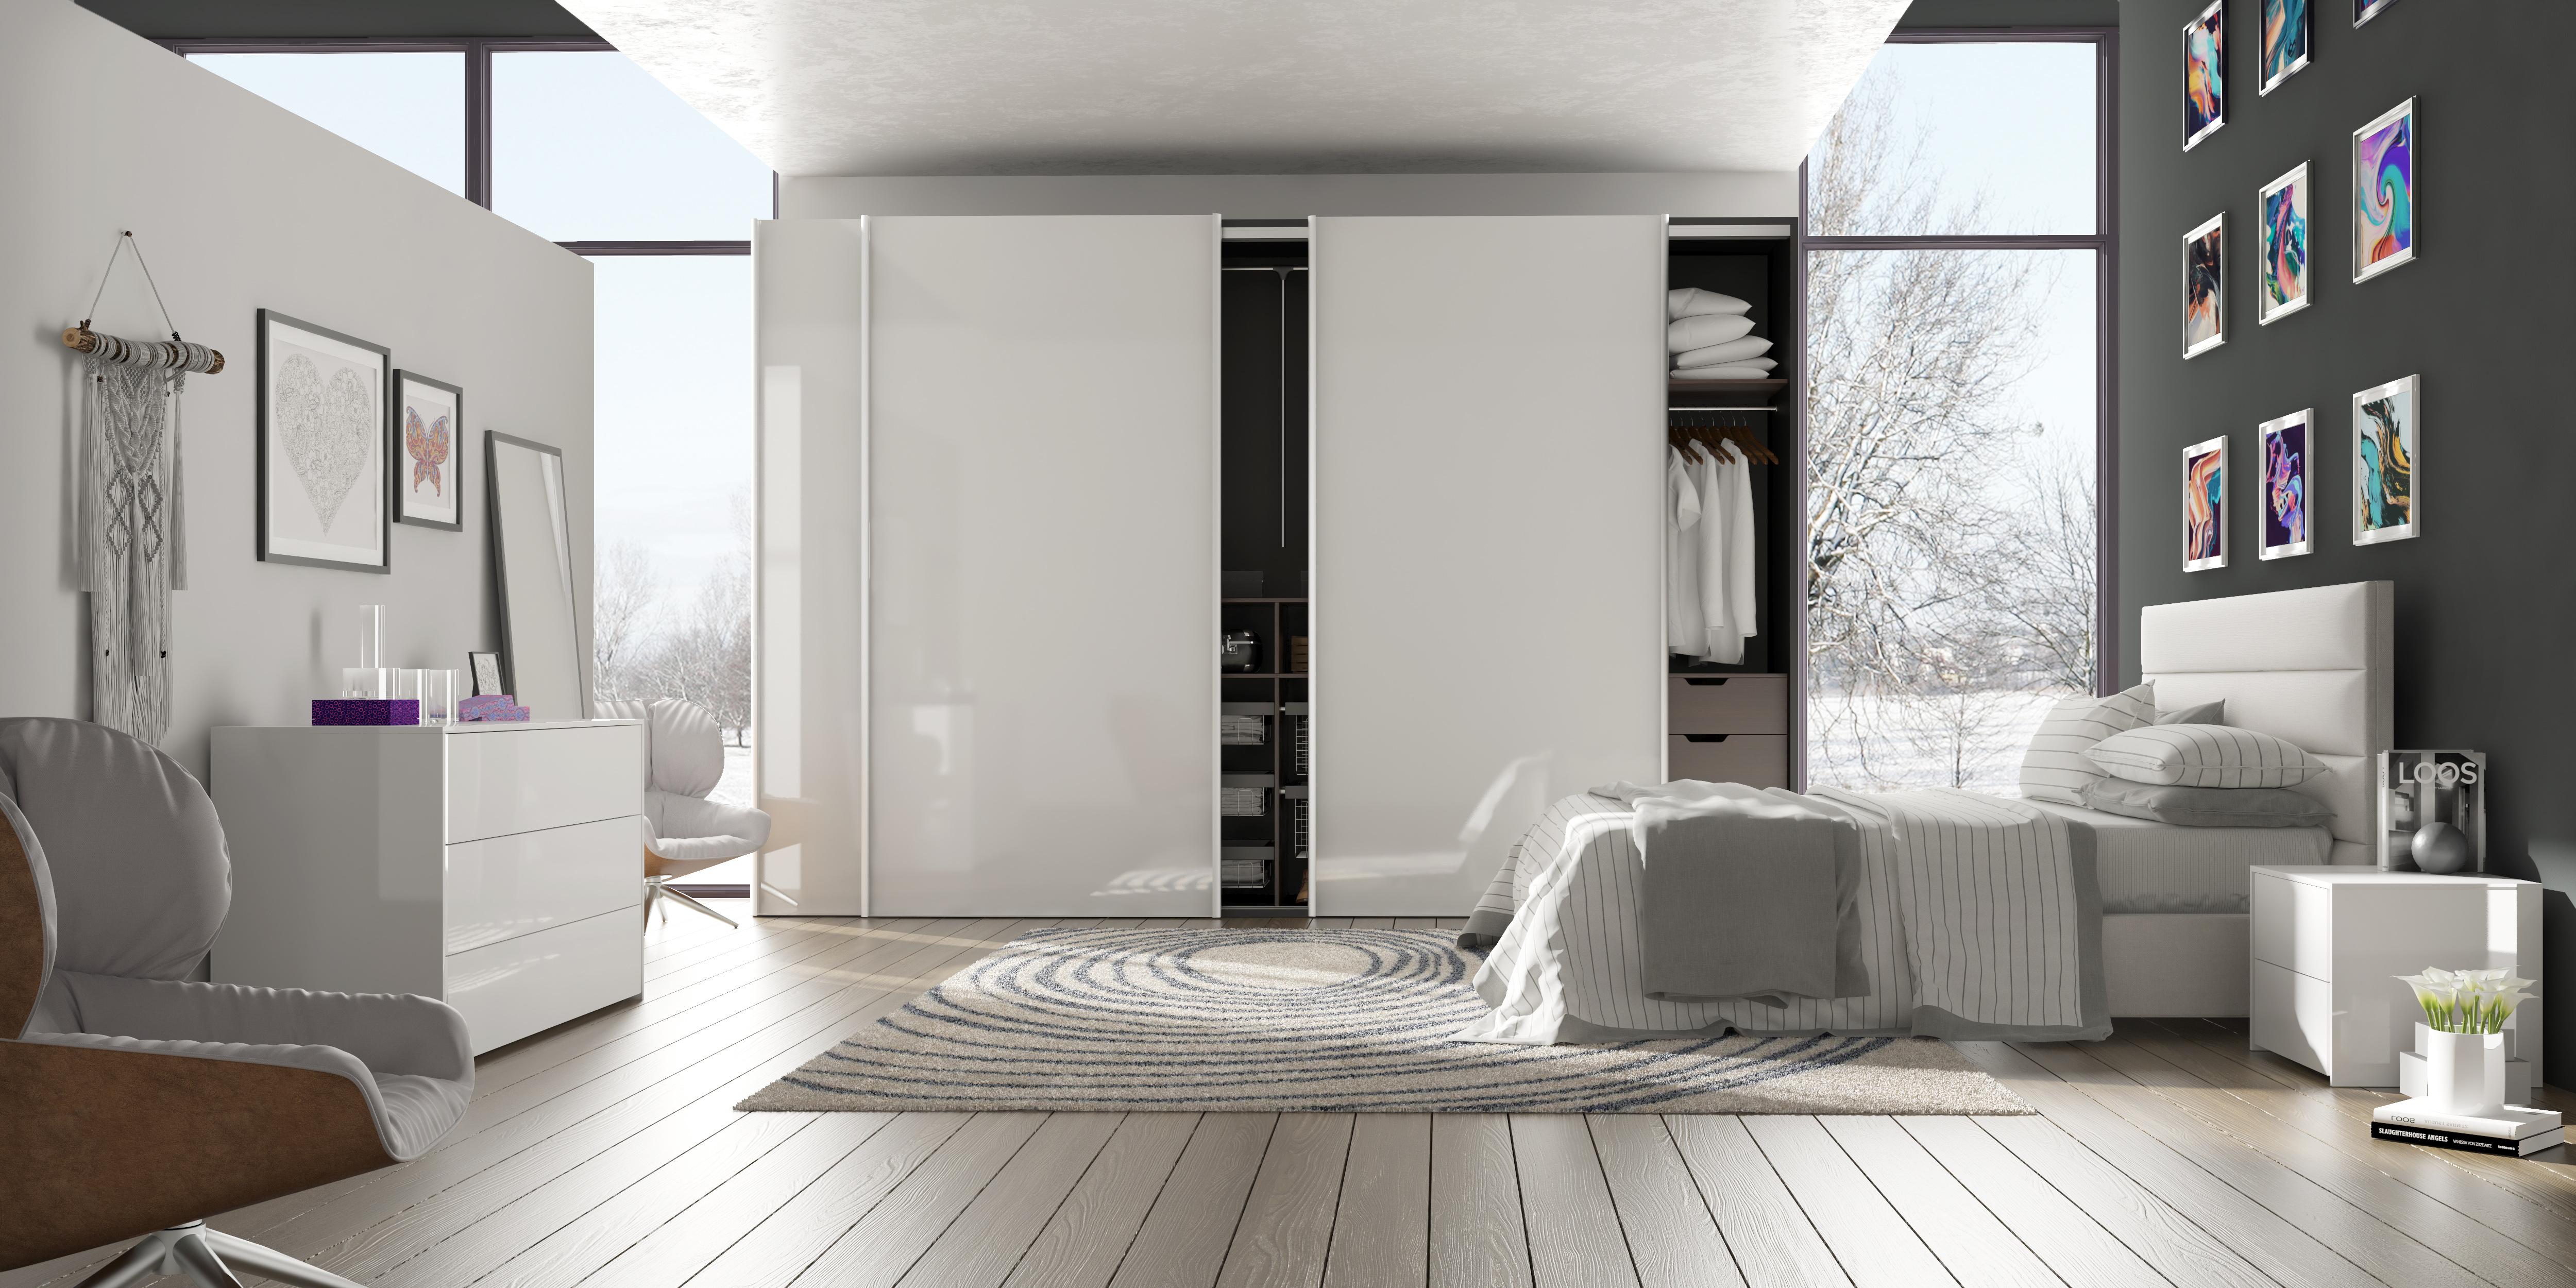 camera con terrazzo finale